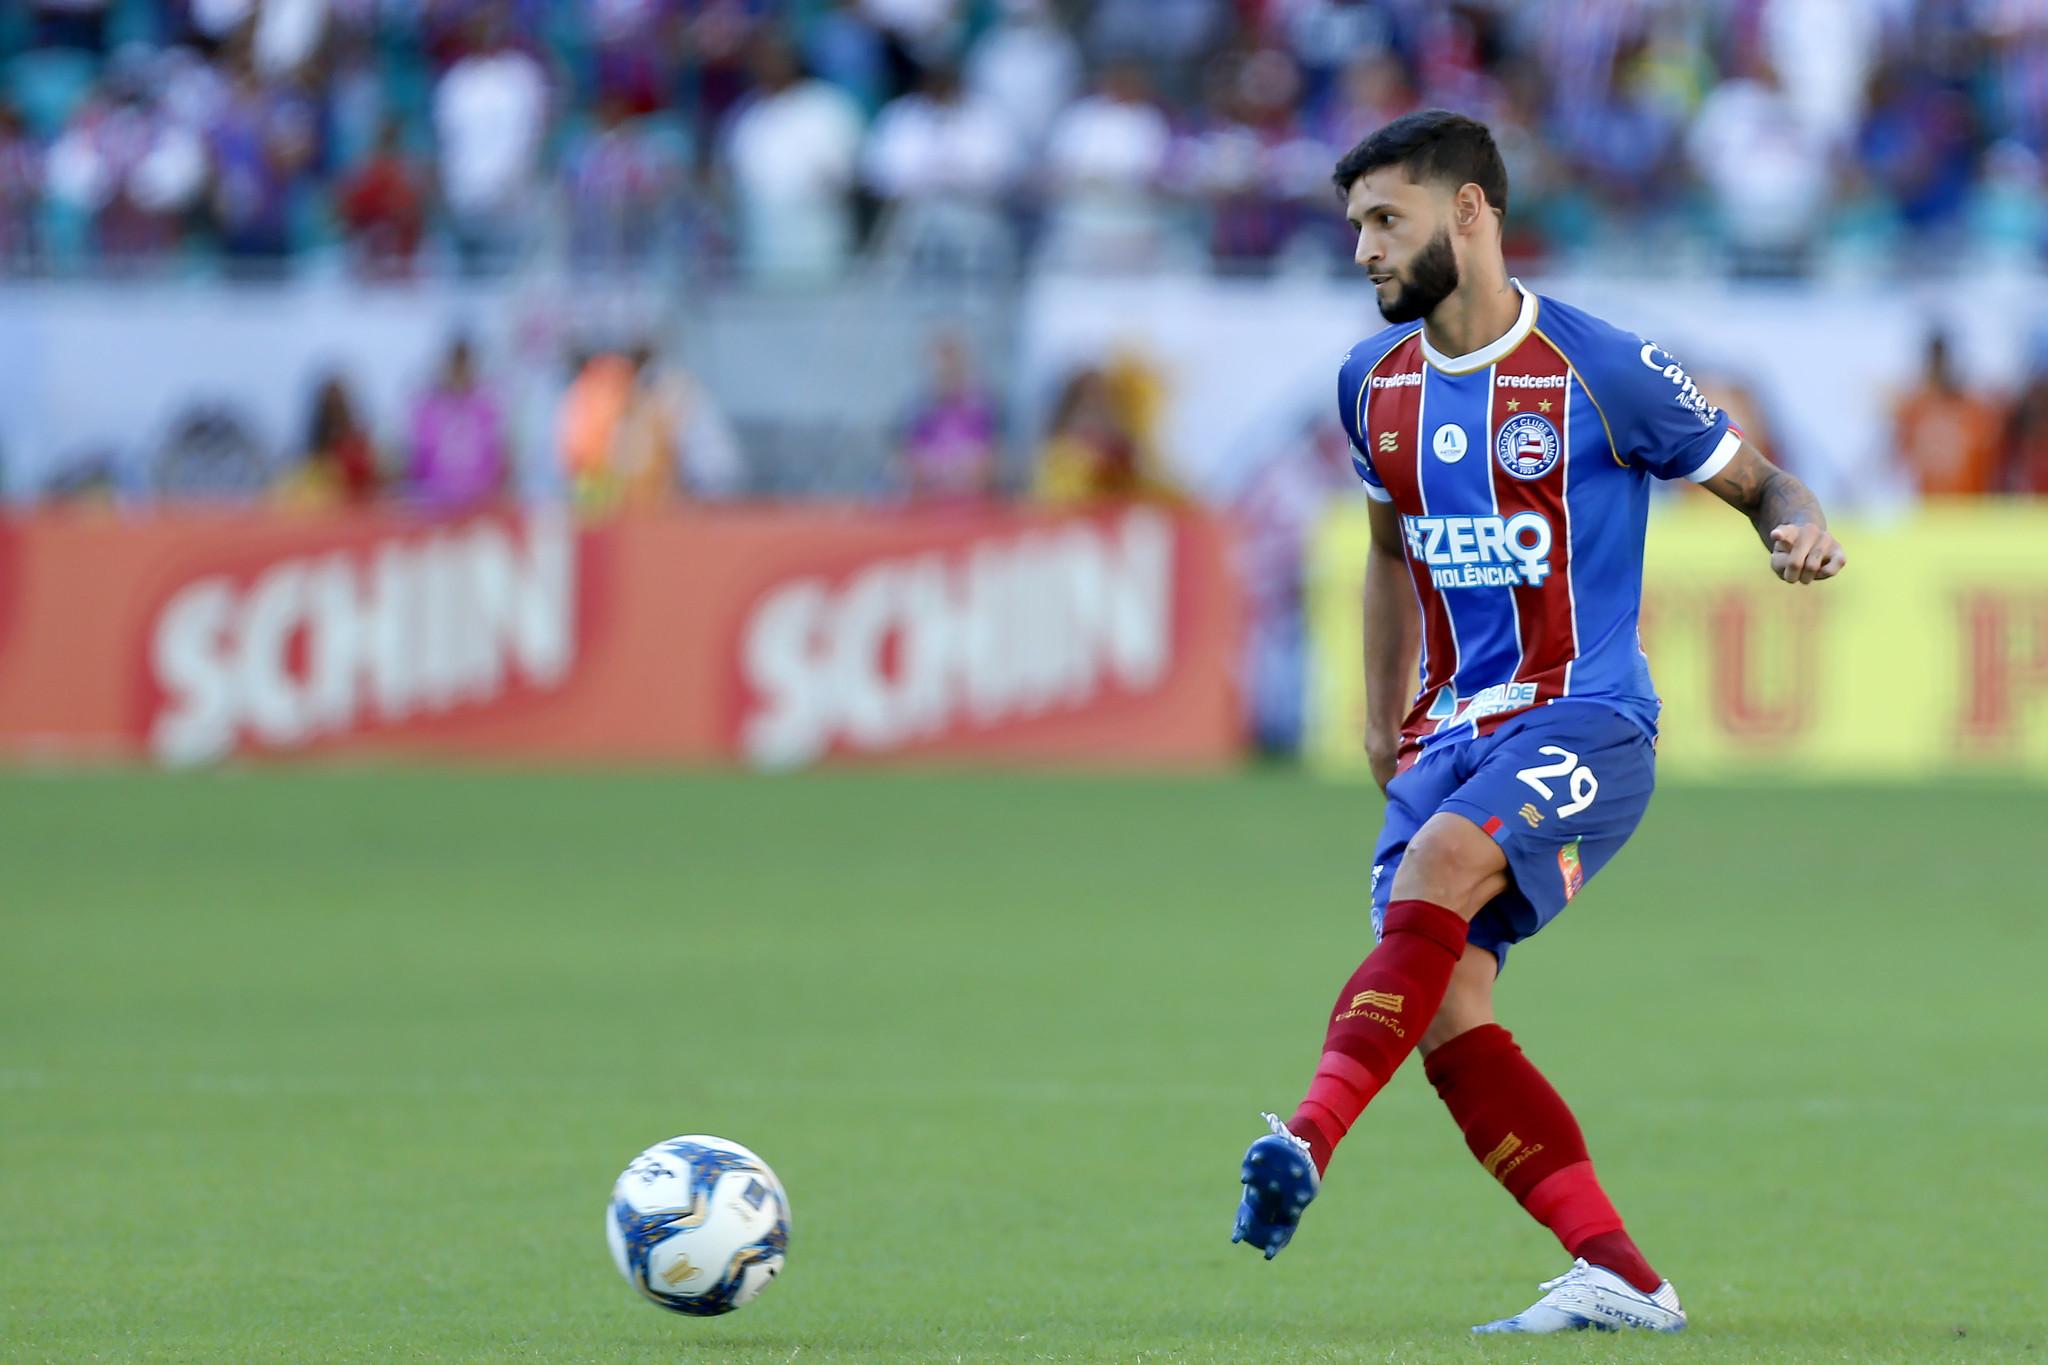 Lateral voltou a ser graçom no jogo do Bahia contra o Confiança. Foi dele o cruzamento que acabou em gol contra de Matheus Mancini